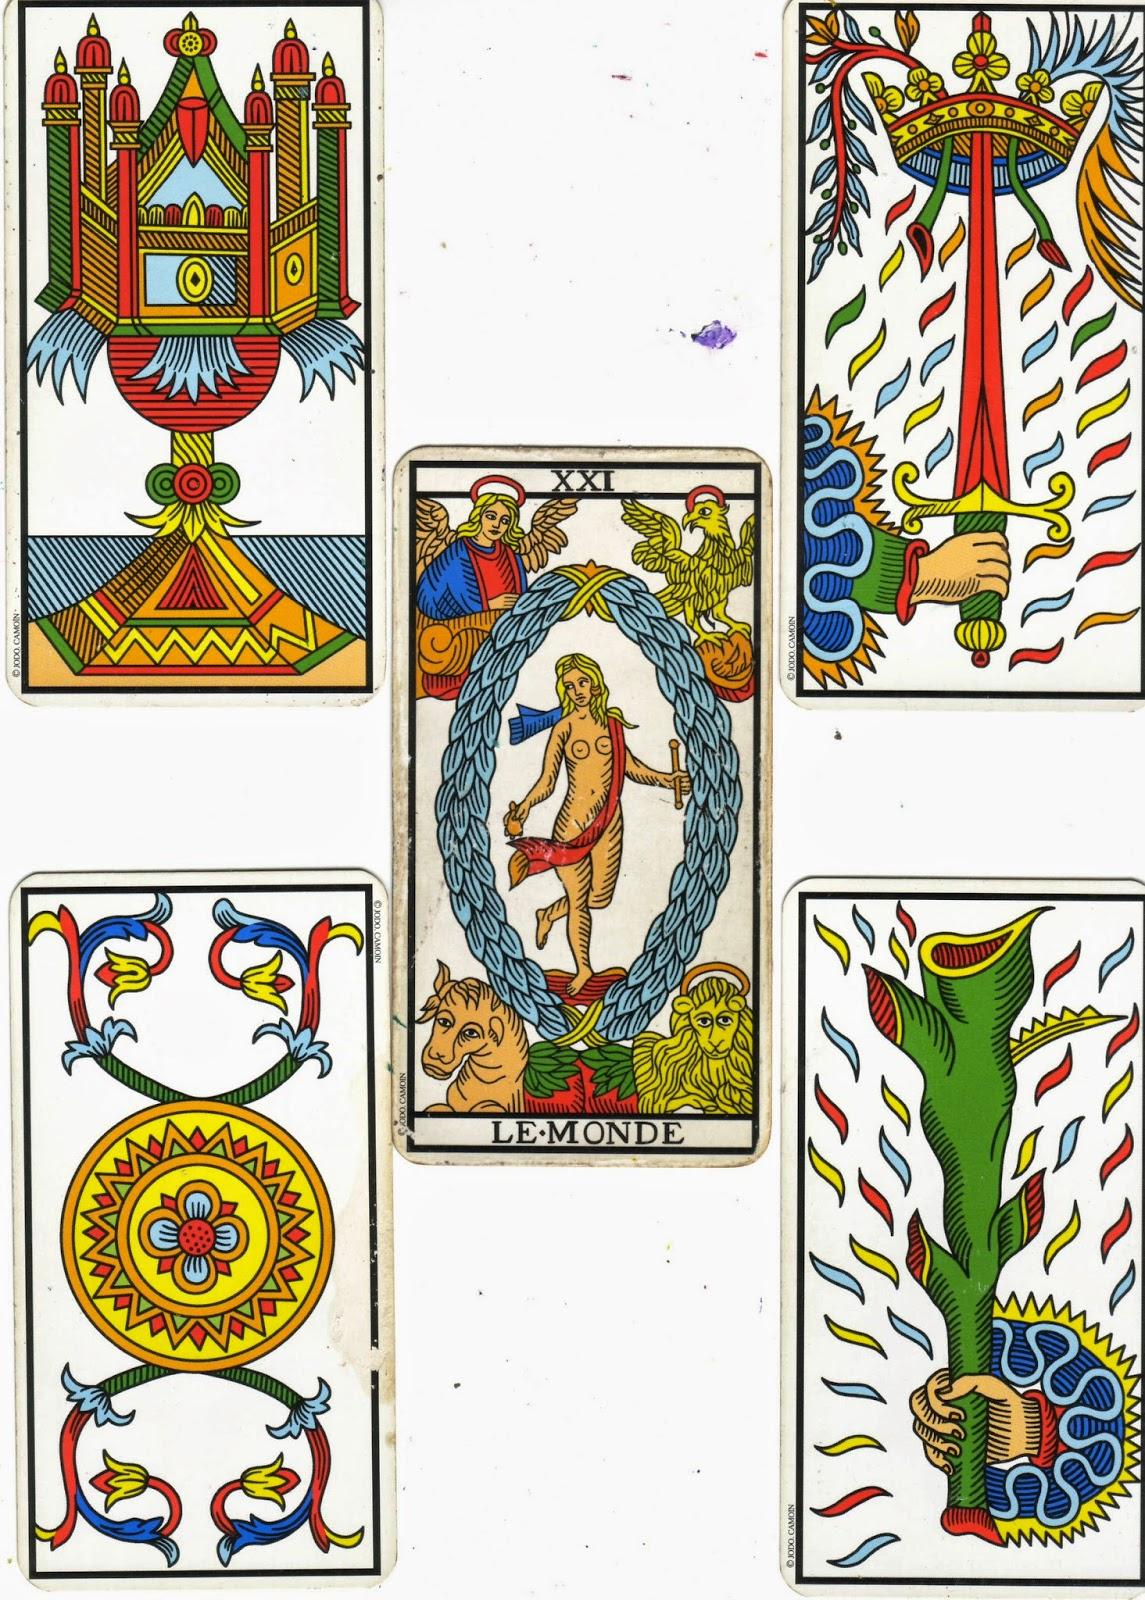 les 4 énergies du Tarot, dévelloppe la clairvoyance, la conscience intuitive